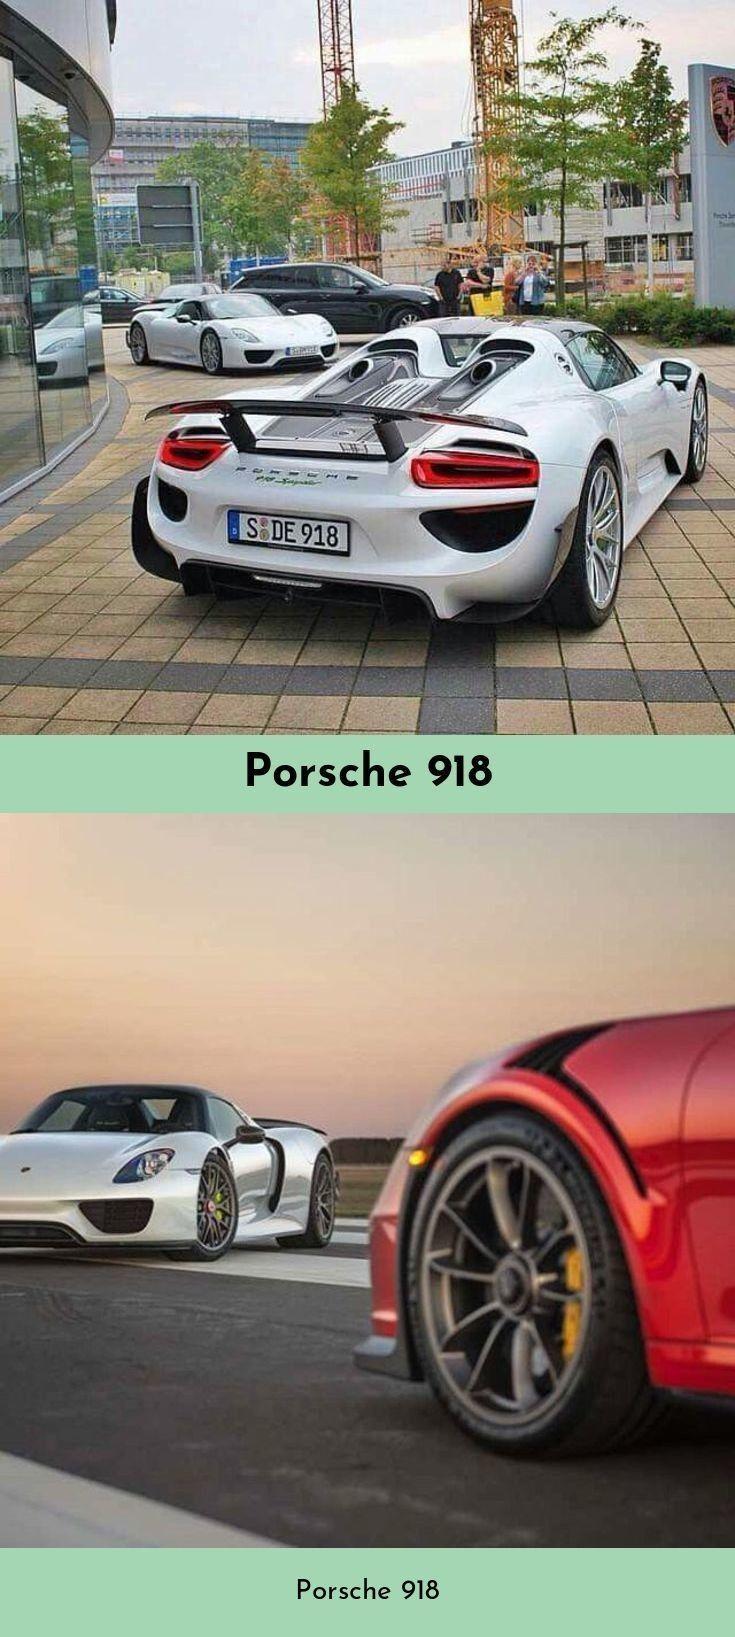 Porsche 918 Spyder Porsche918 Porsche918spyder Porsche918hybrid Porsche918spider Porsche918weissach Porsche 918 Porsche Porsche Models